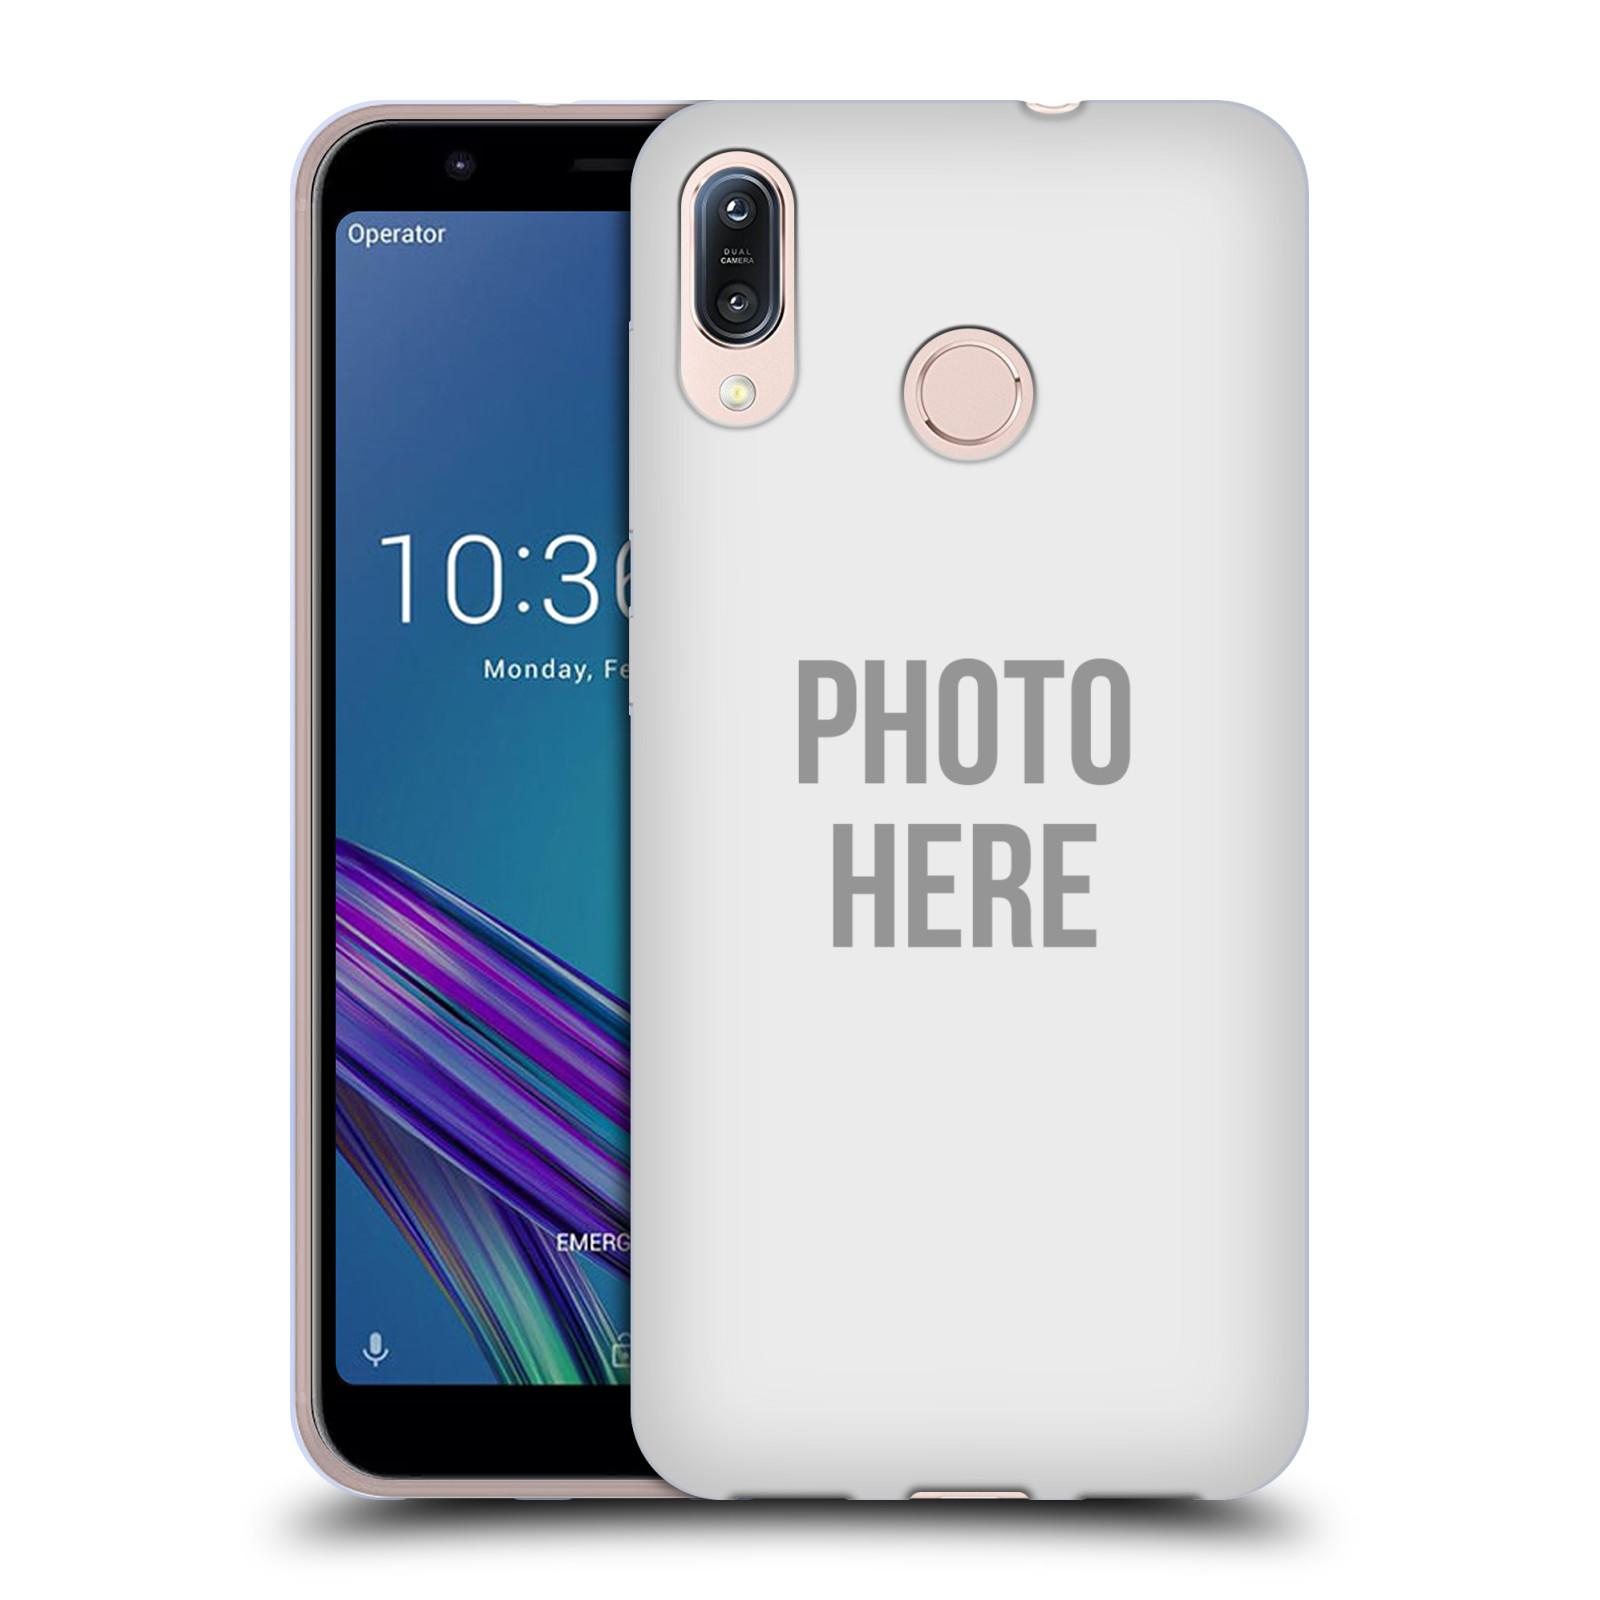 Silikonové pouzdro na mobil Asus Zenfone Max M1 ZB555KL - Head Case - s vlastním motivem